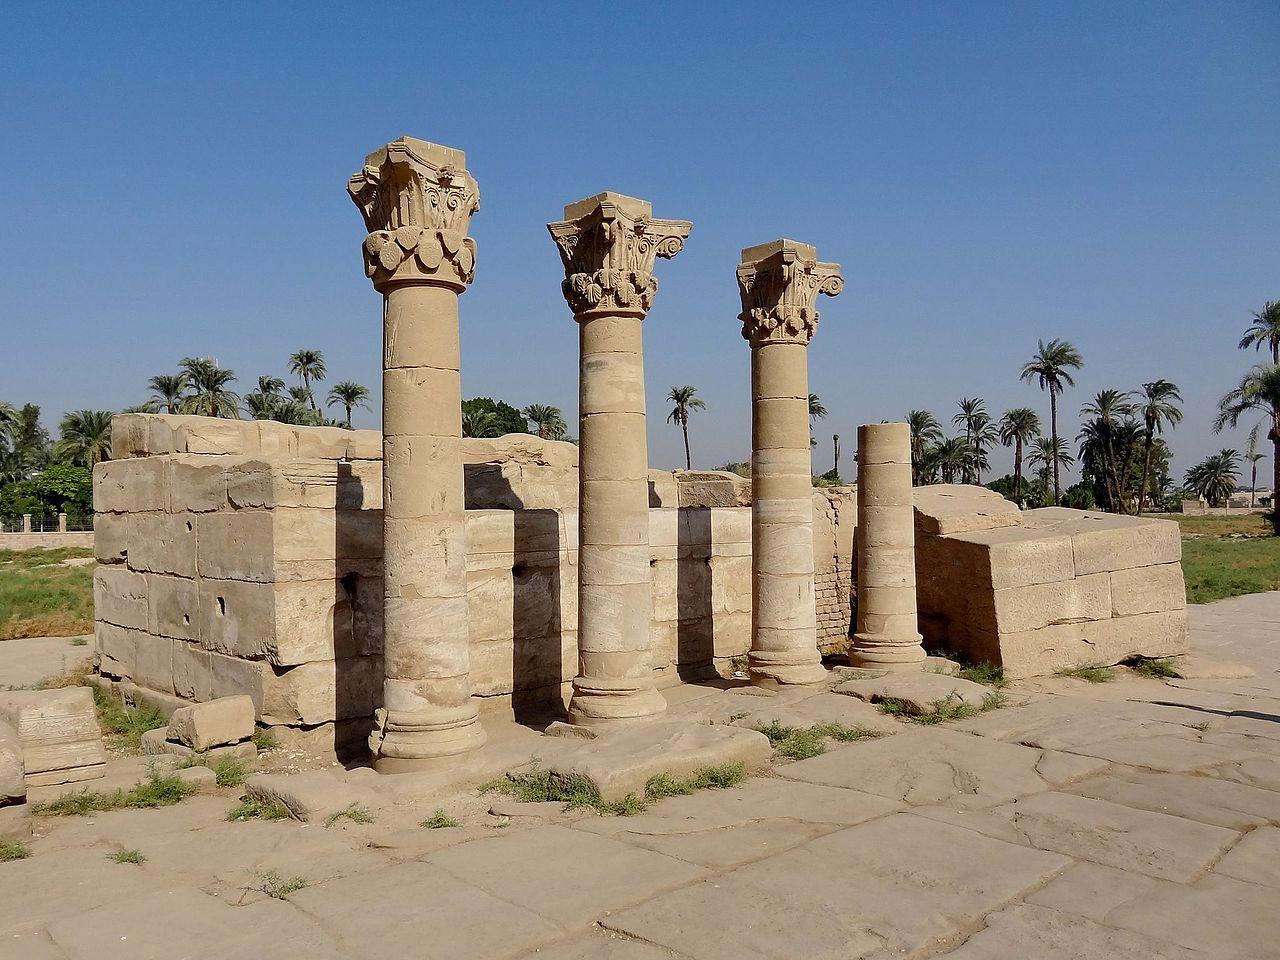 Римские колонны в передней части комплекса храма в Дендере, Египет